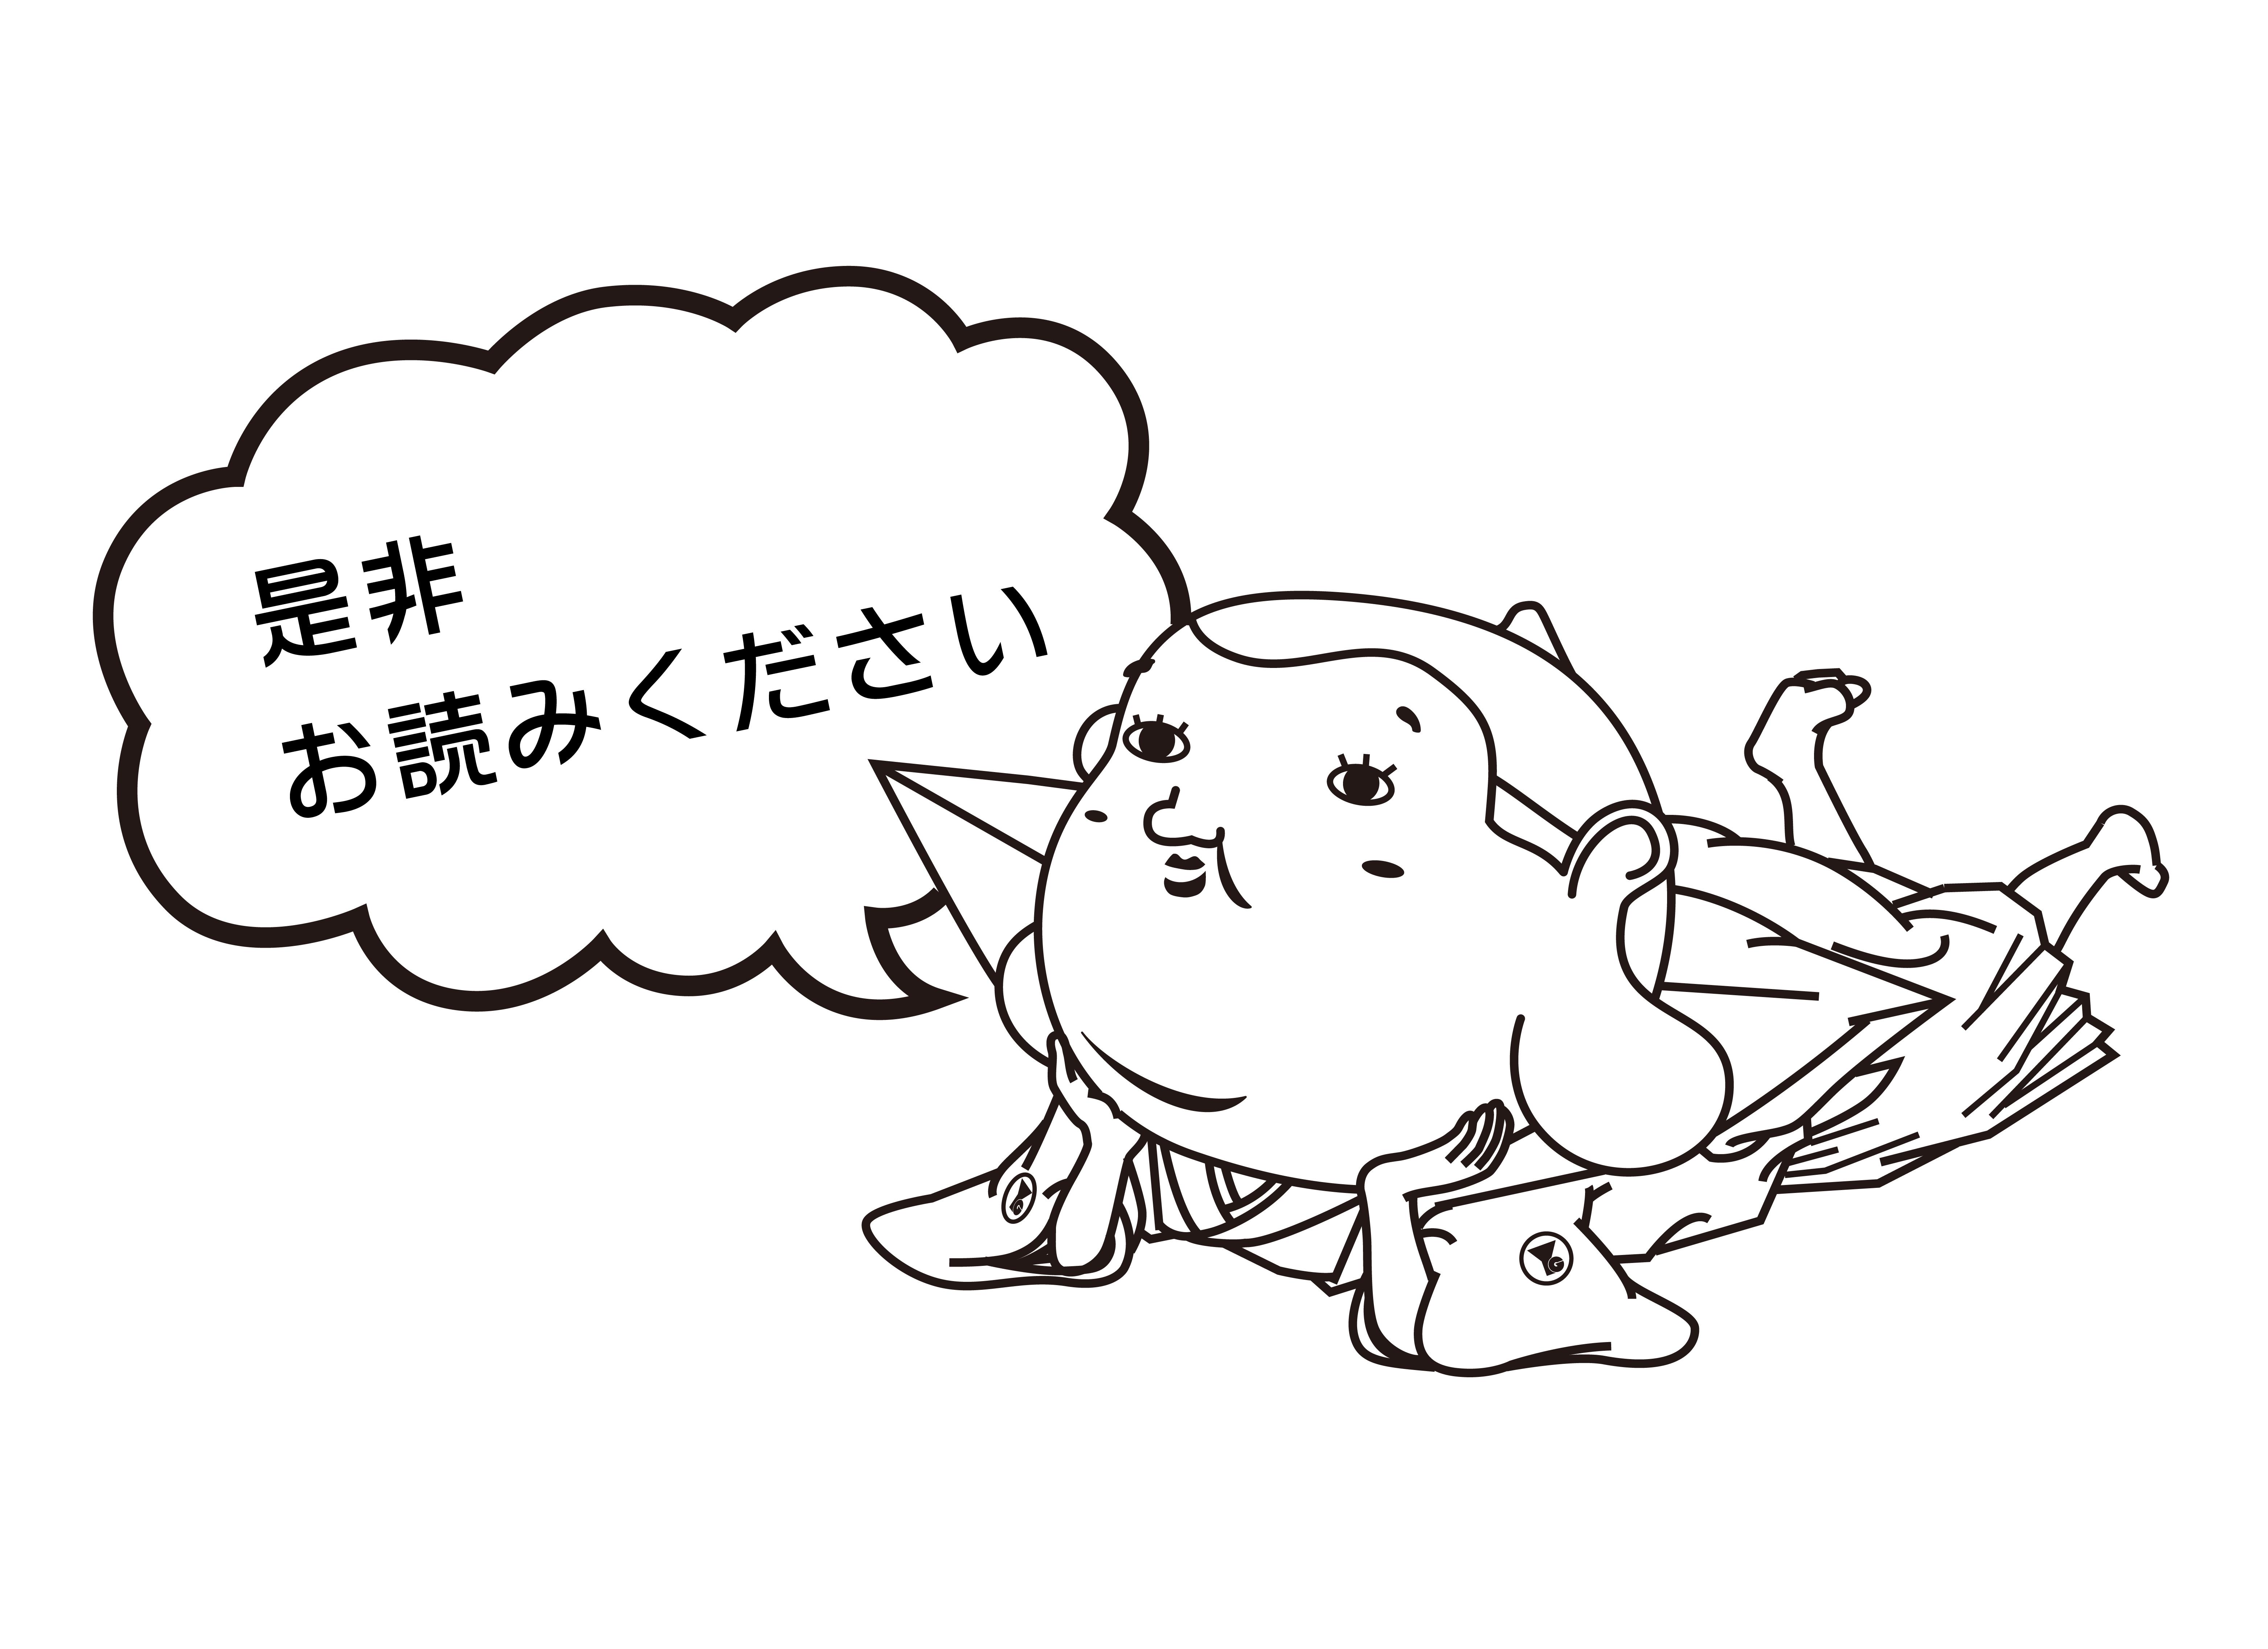 ブログ更新 イラスト1500x900